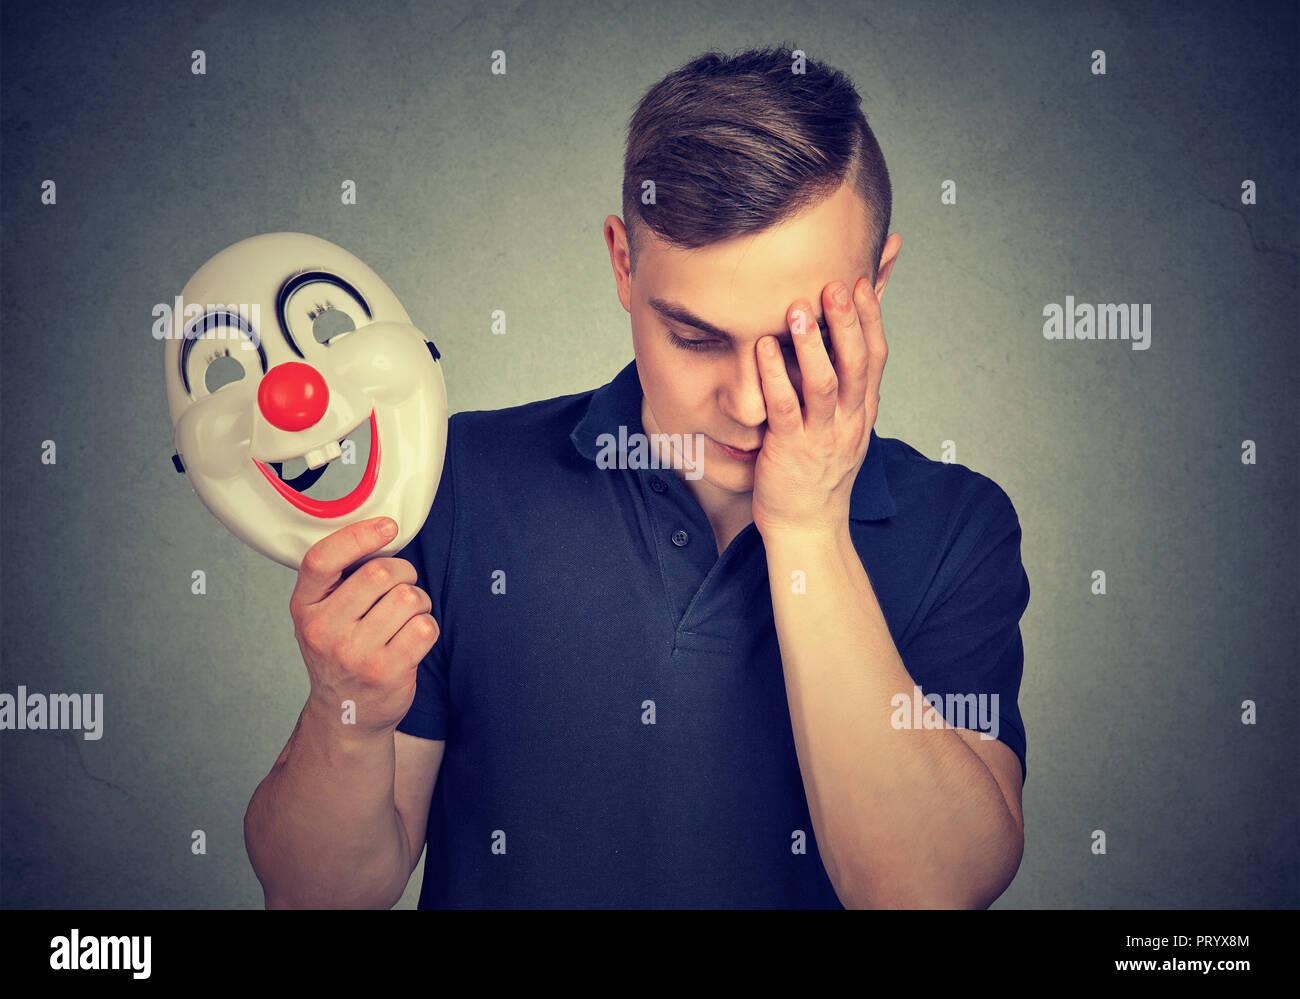 Joven celebración colorida máscara de payaso y mirando molesto estar en depresión y sentimientos escondidos Imagen De Stock